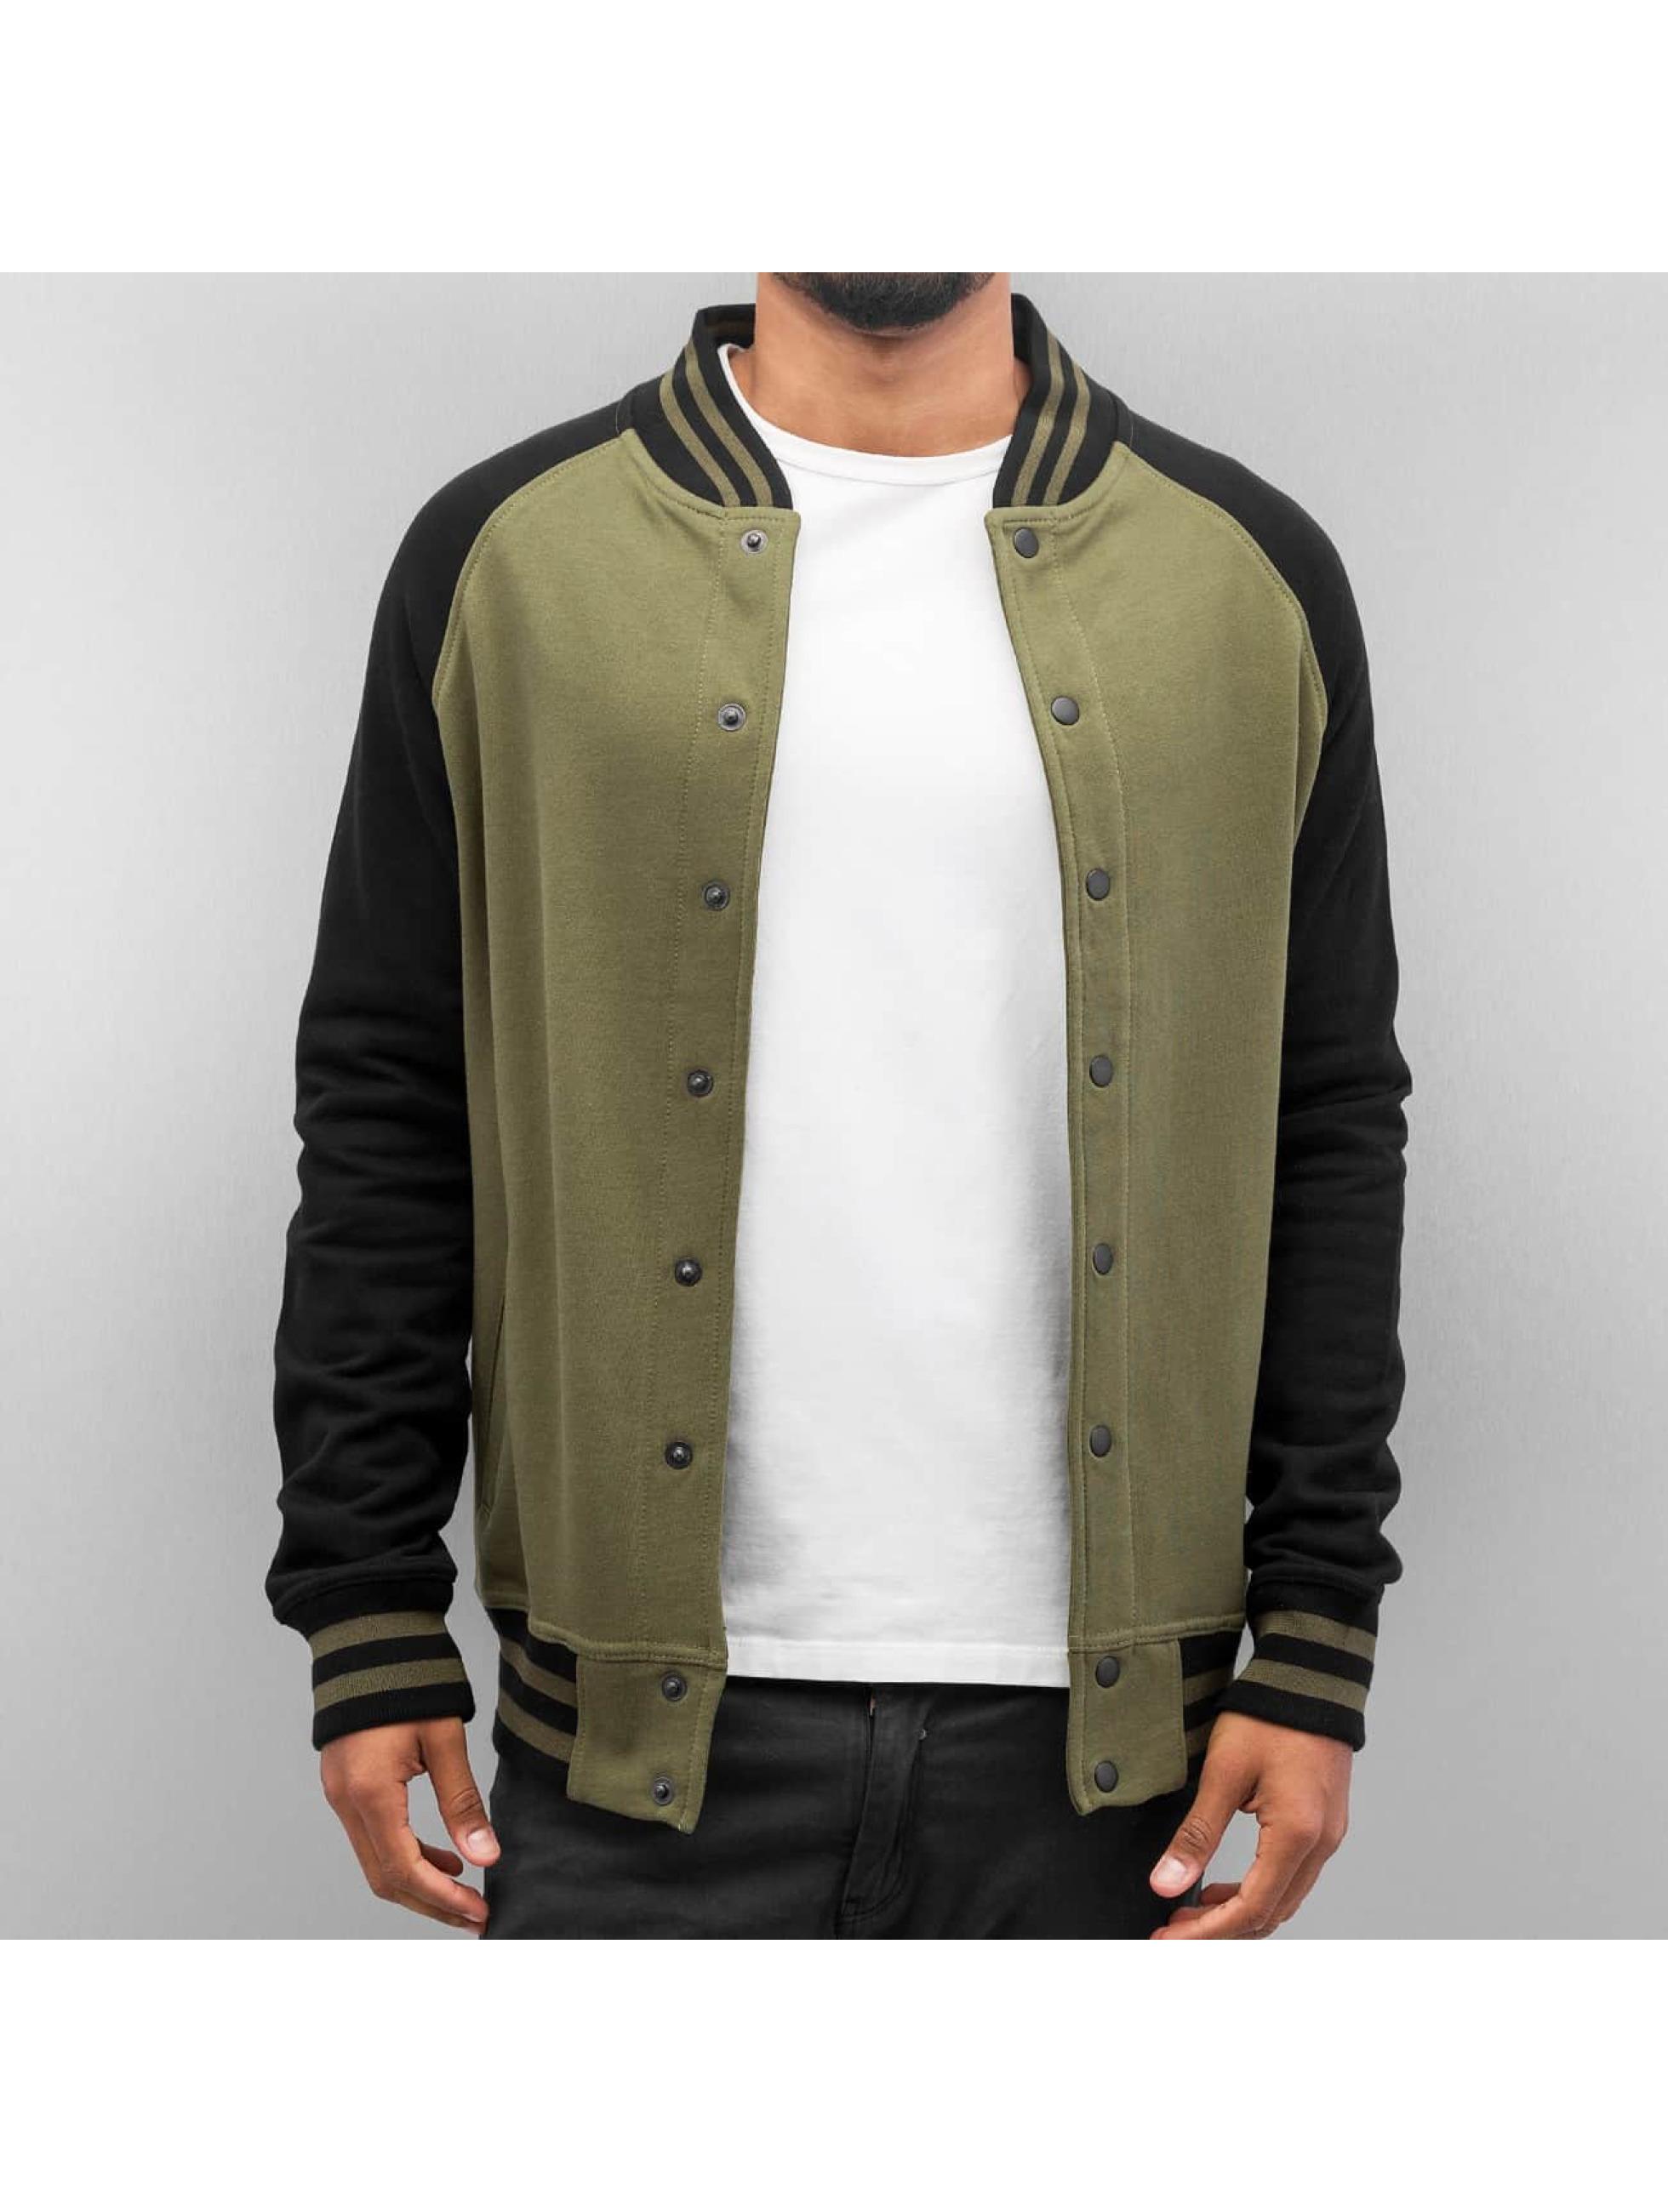 Cyprime Raglan College Jacket Olive Black